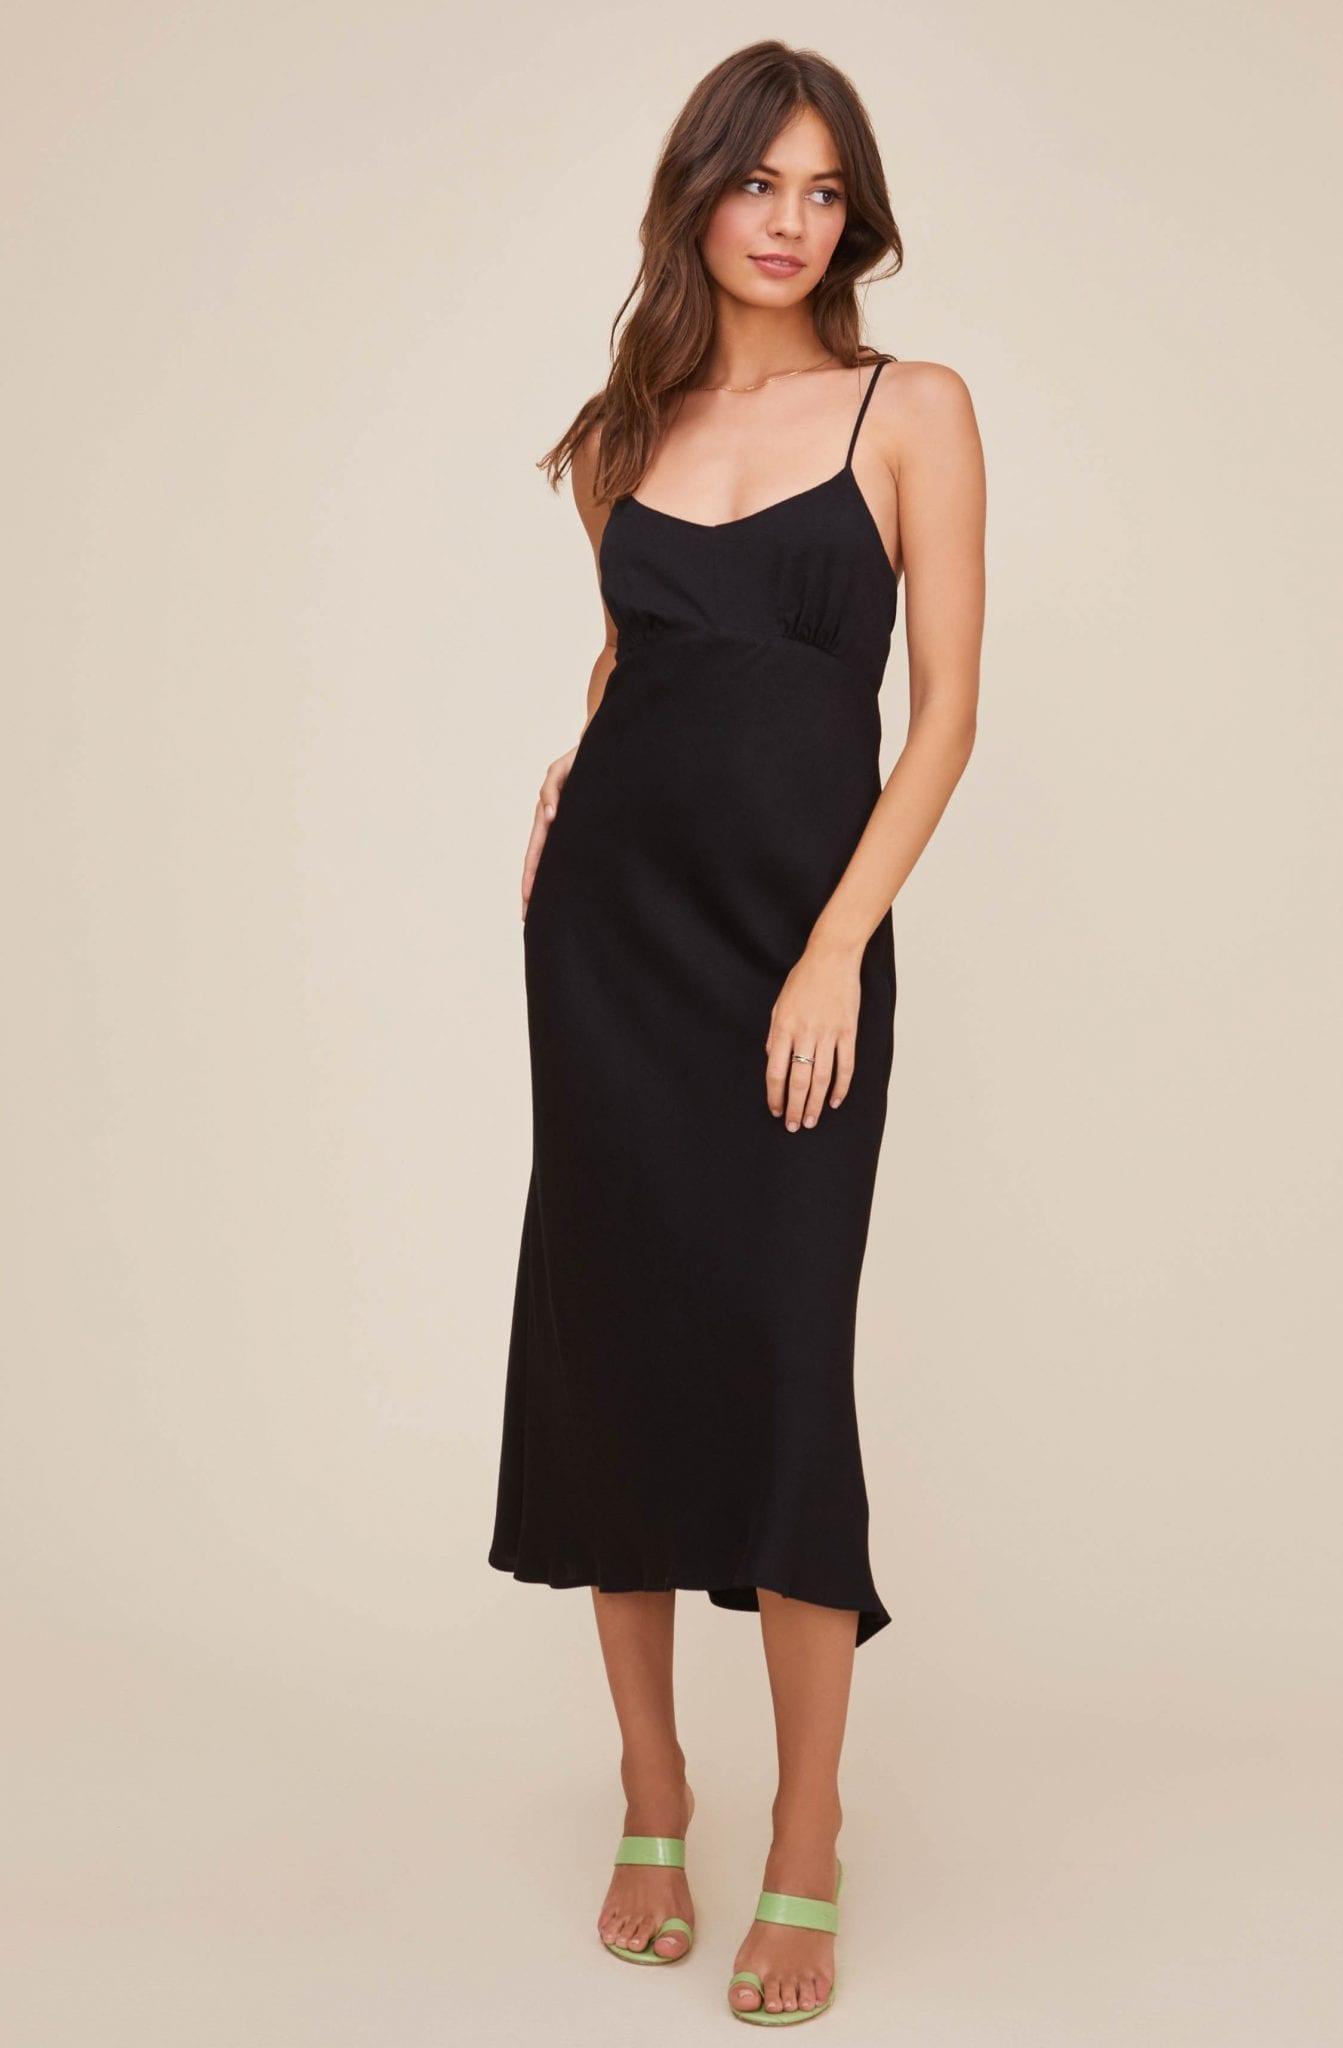 ASTR Charisma Midi Dress